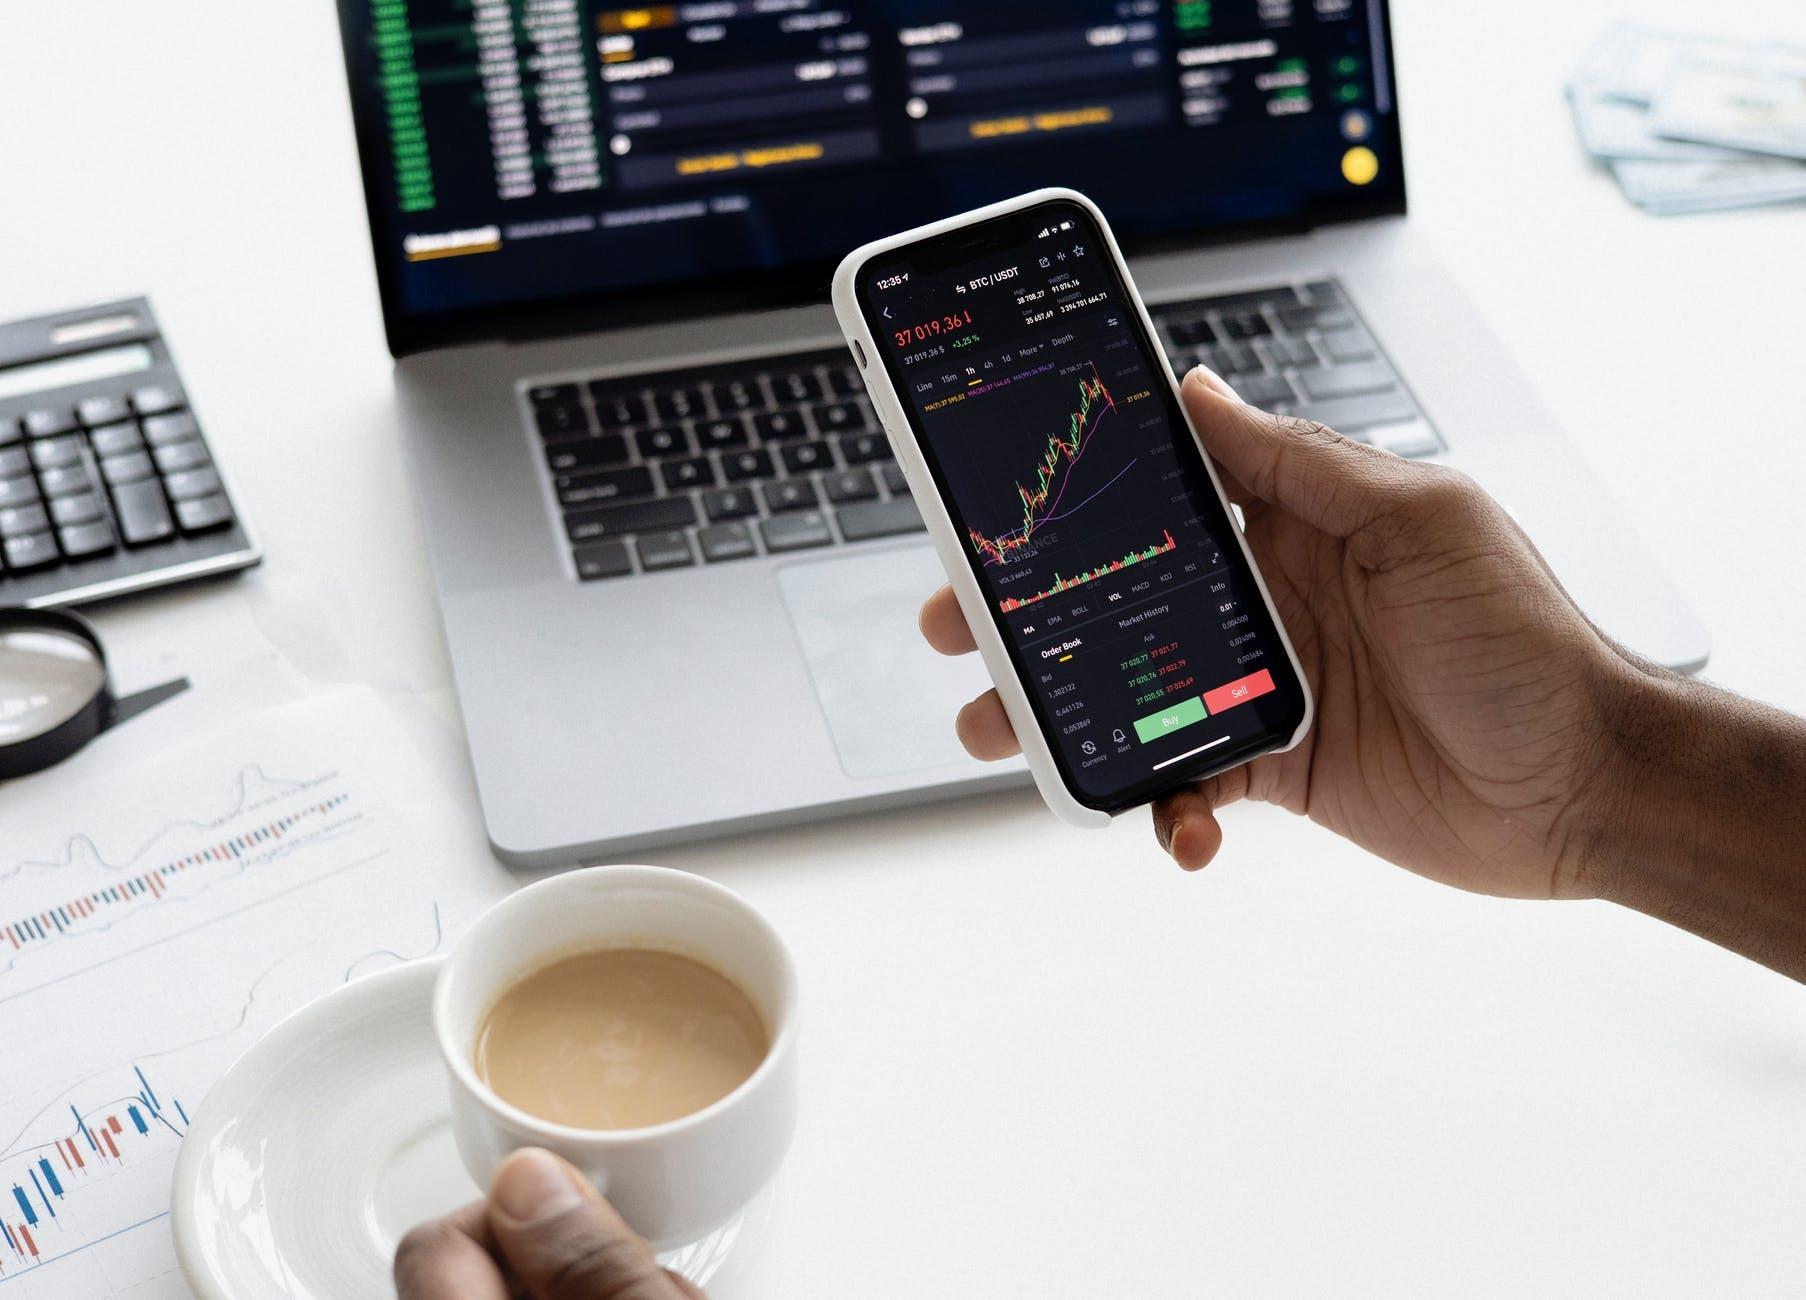 6 Hal yang Perlu Sobat Ketahui sebelum Berinvestasi di Pasar Saham